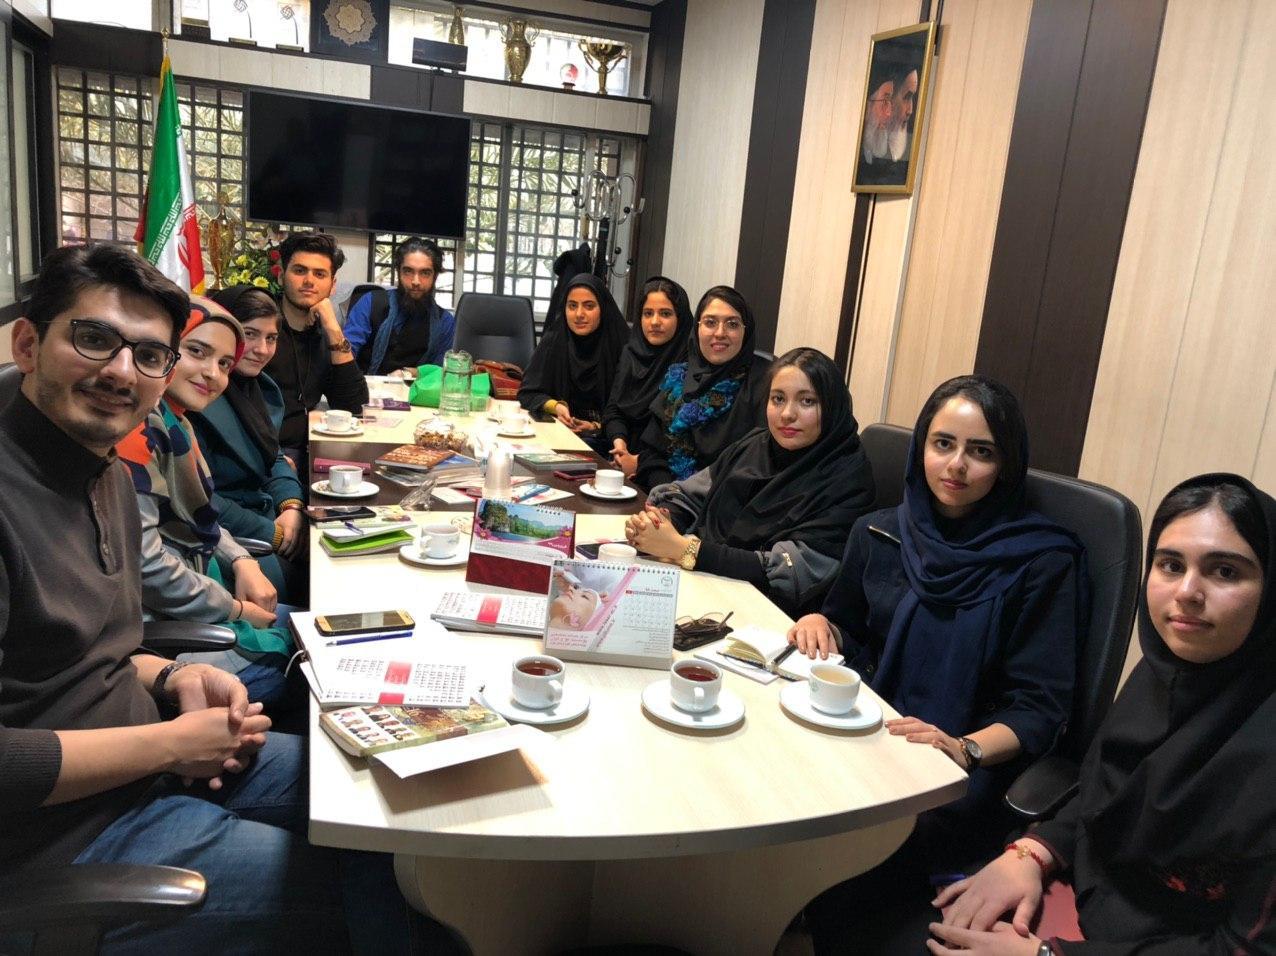 سومین نشست هم اندیشی دبیران و اعضای فعال کانون های دانشجویی با حضور معاون فرهنگی واحد